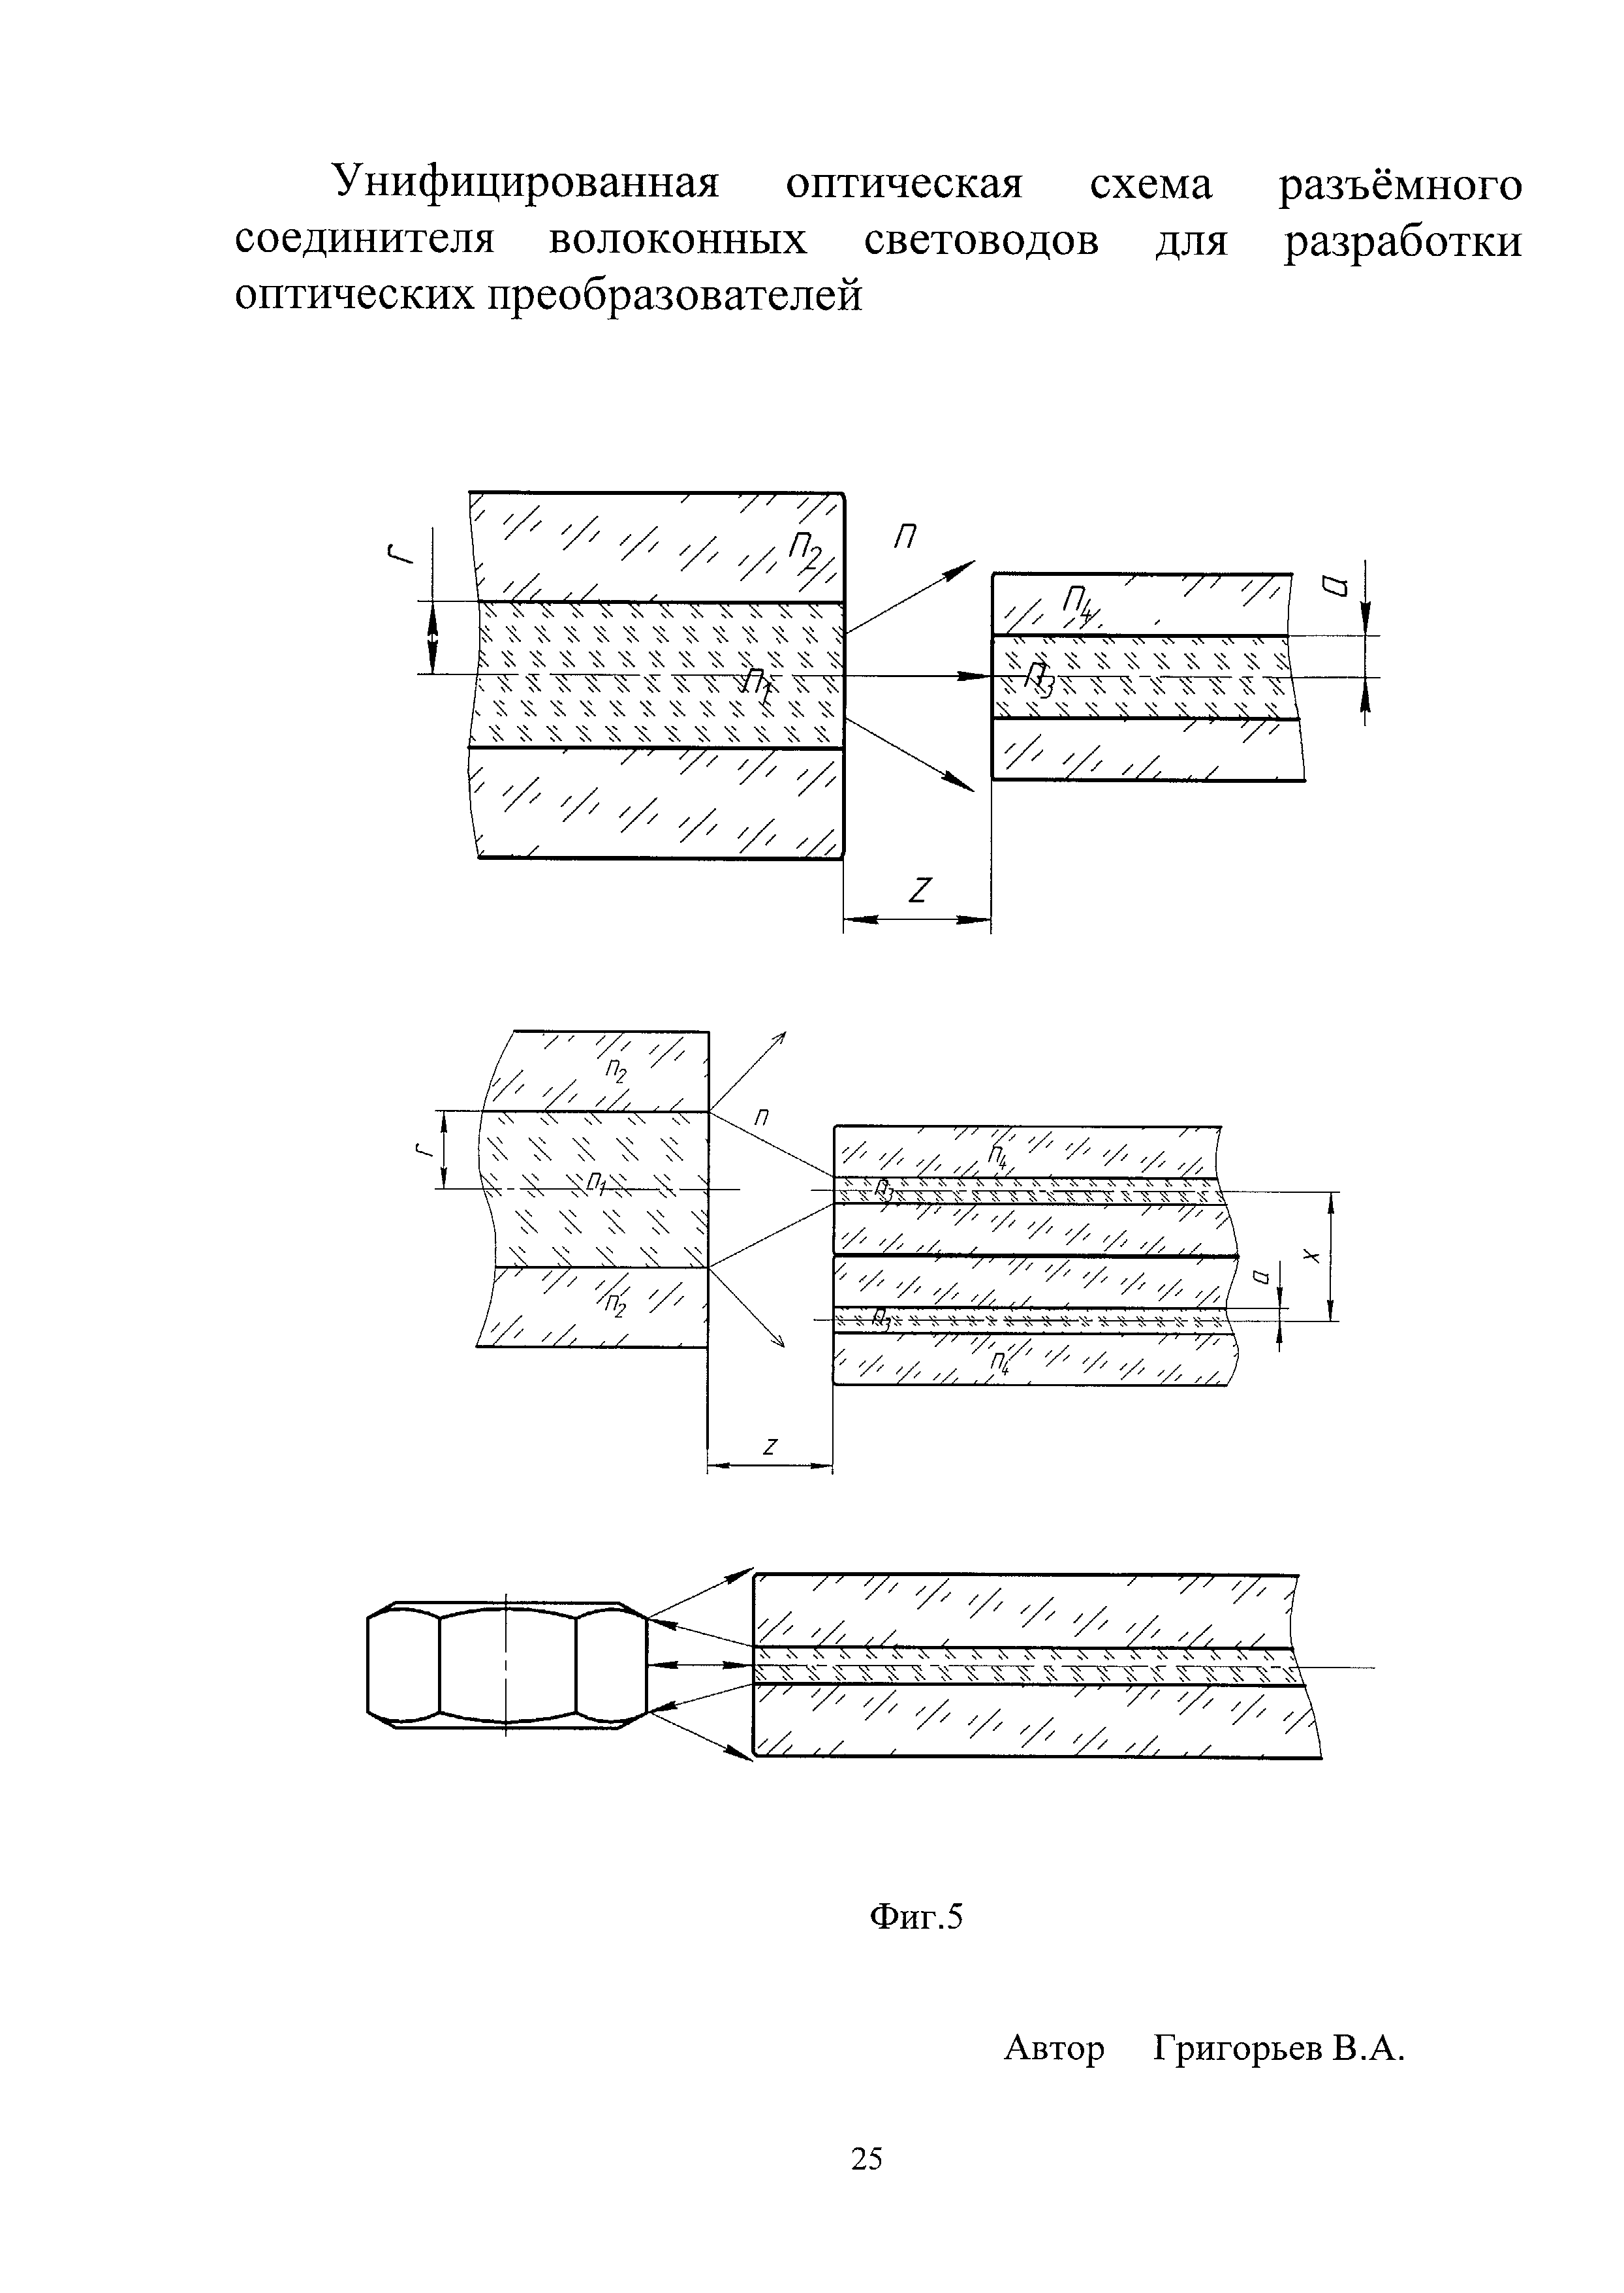 Унифицированная оптическая схема разъемного соединителя волоконных световодов для разработки оптических преобразователей